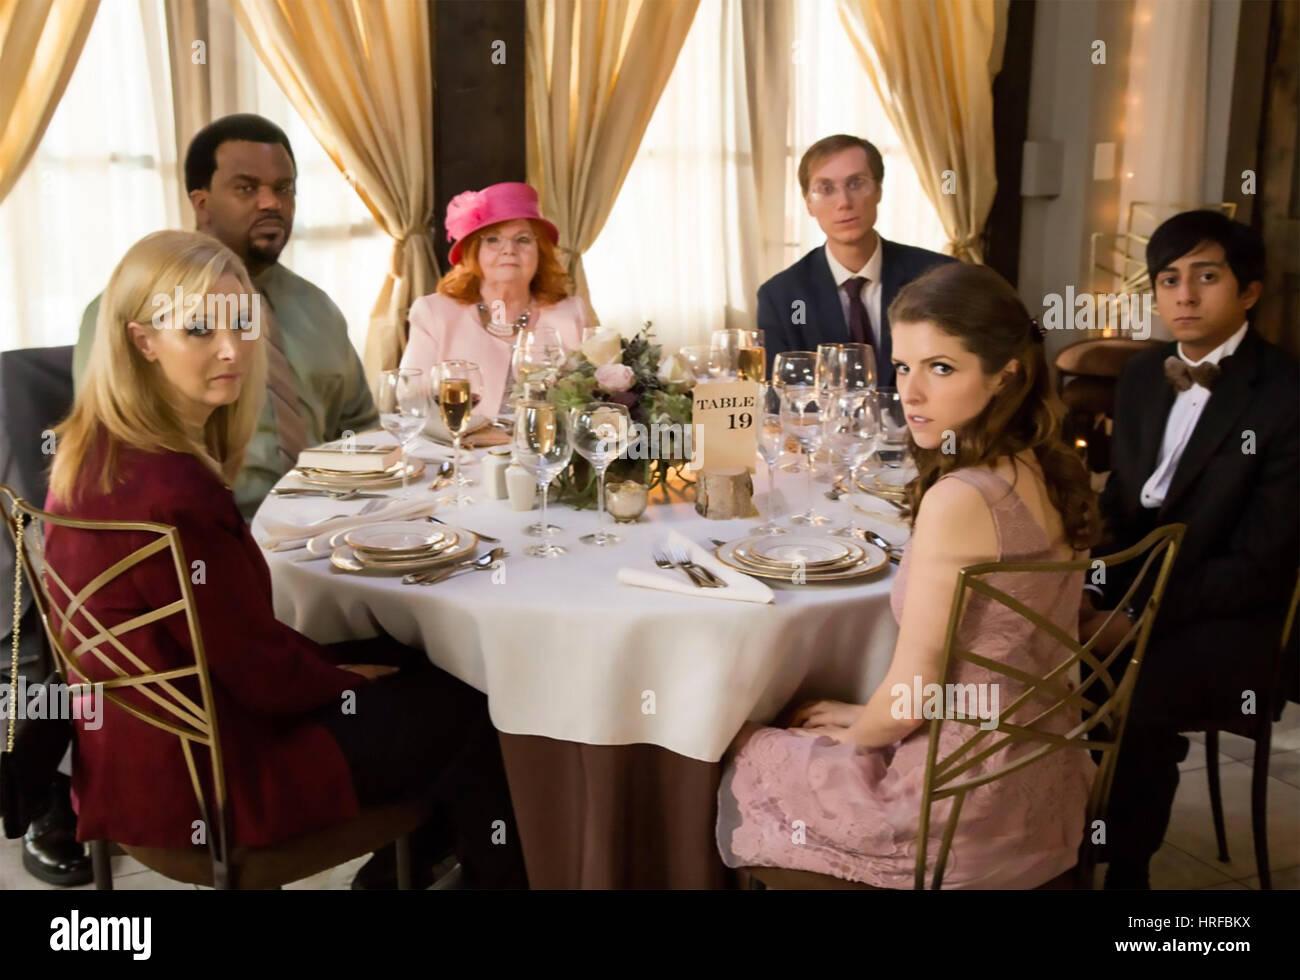 Tabella 19 Fox Searchlight Pictures 2017 film con Anna Kendrick a destra e Lisa Kudrow a sinistra Immagini Stock